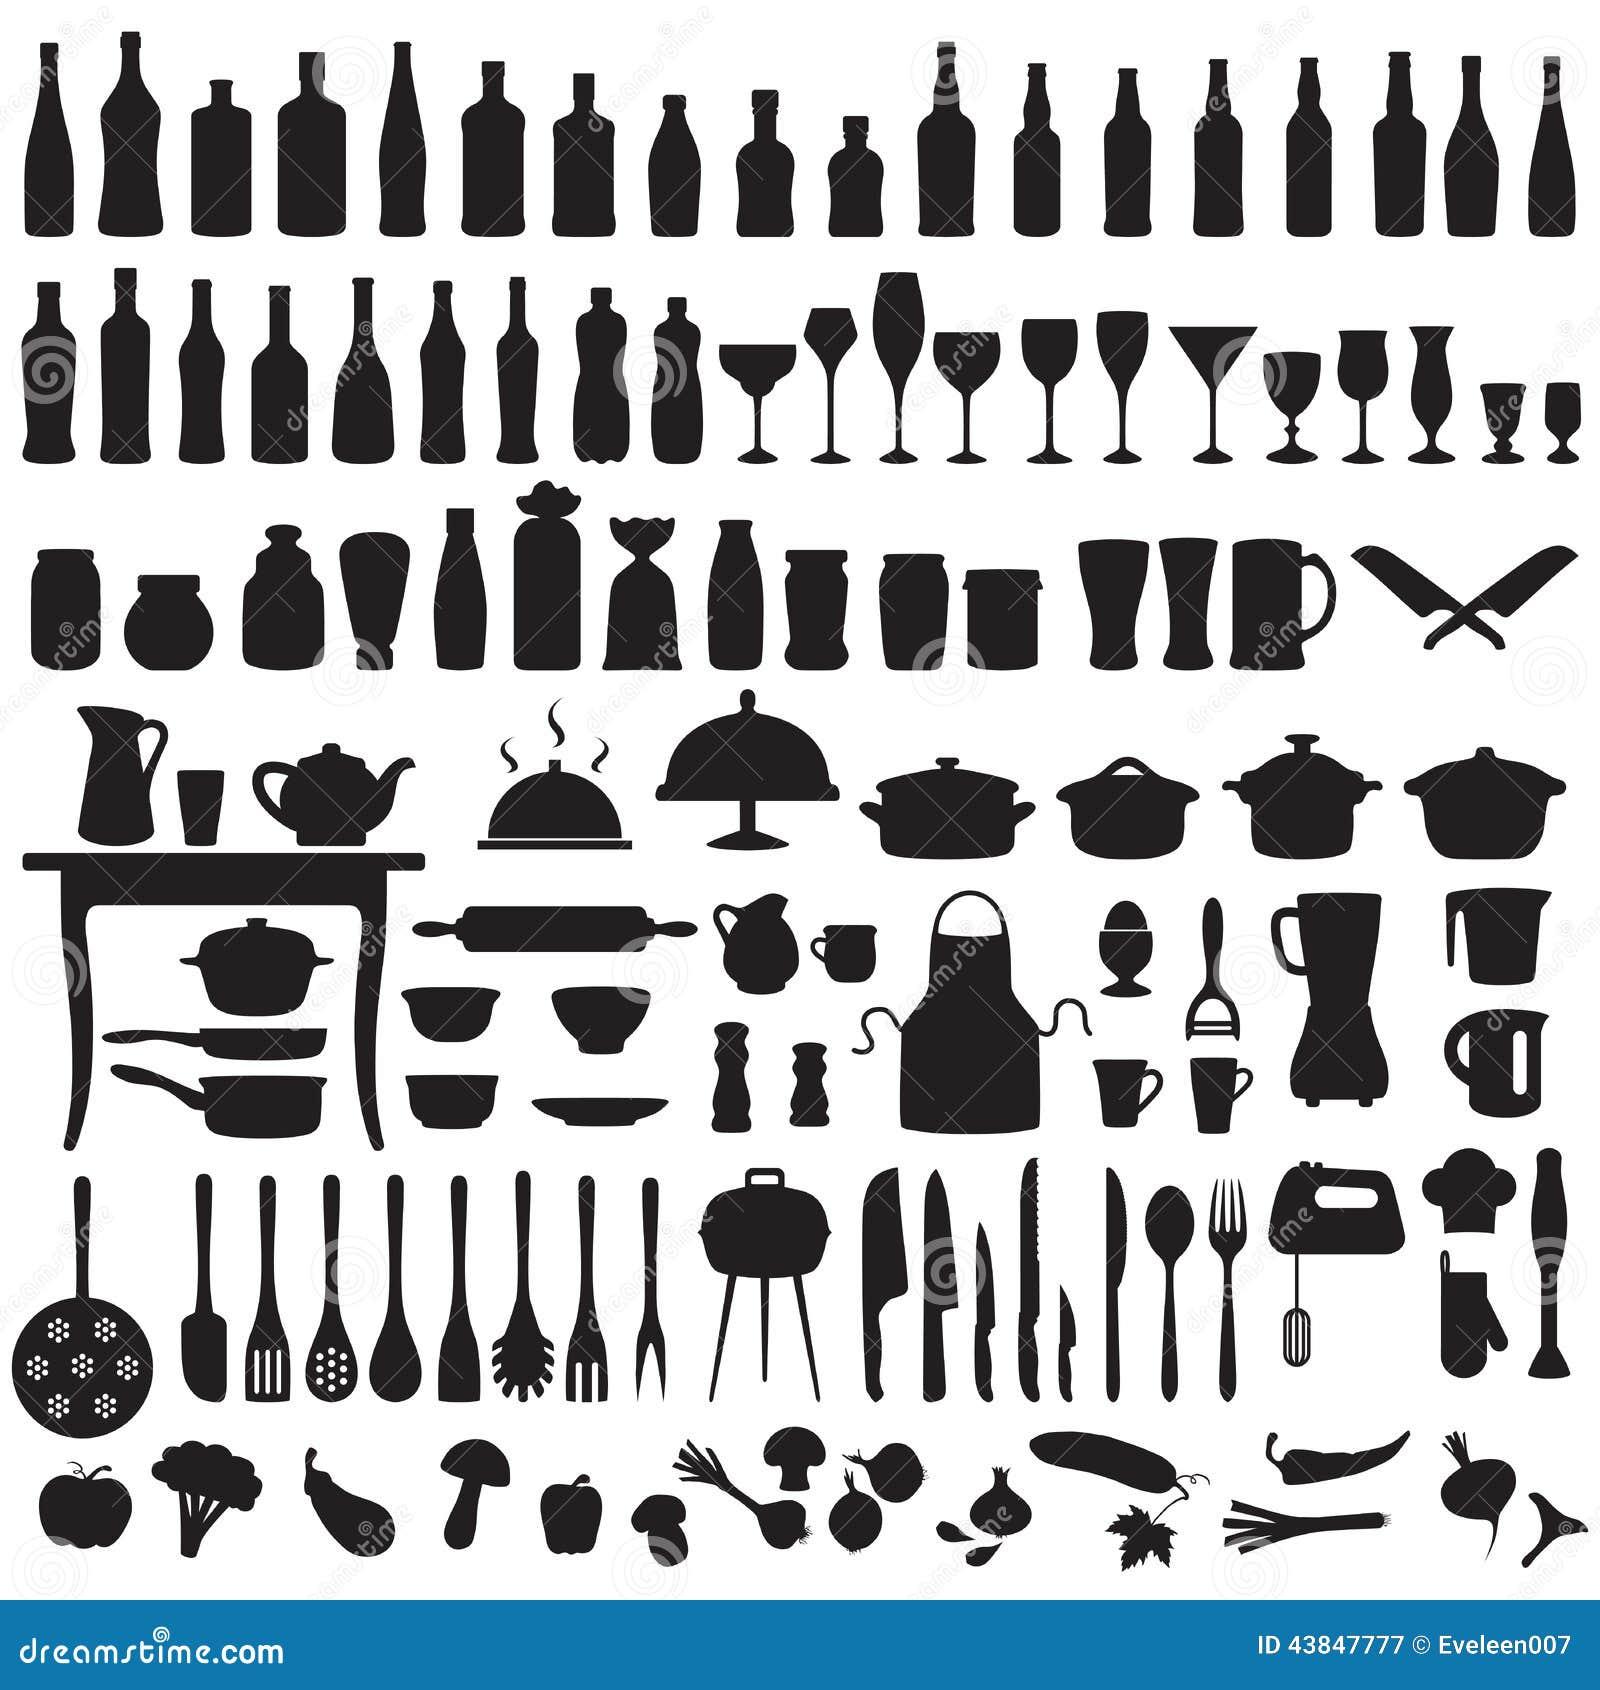 cucina che cucina le icone piane degli utensili e degli strumenti ... - Strumenti Cucina